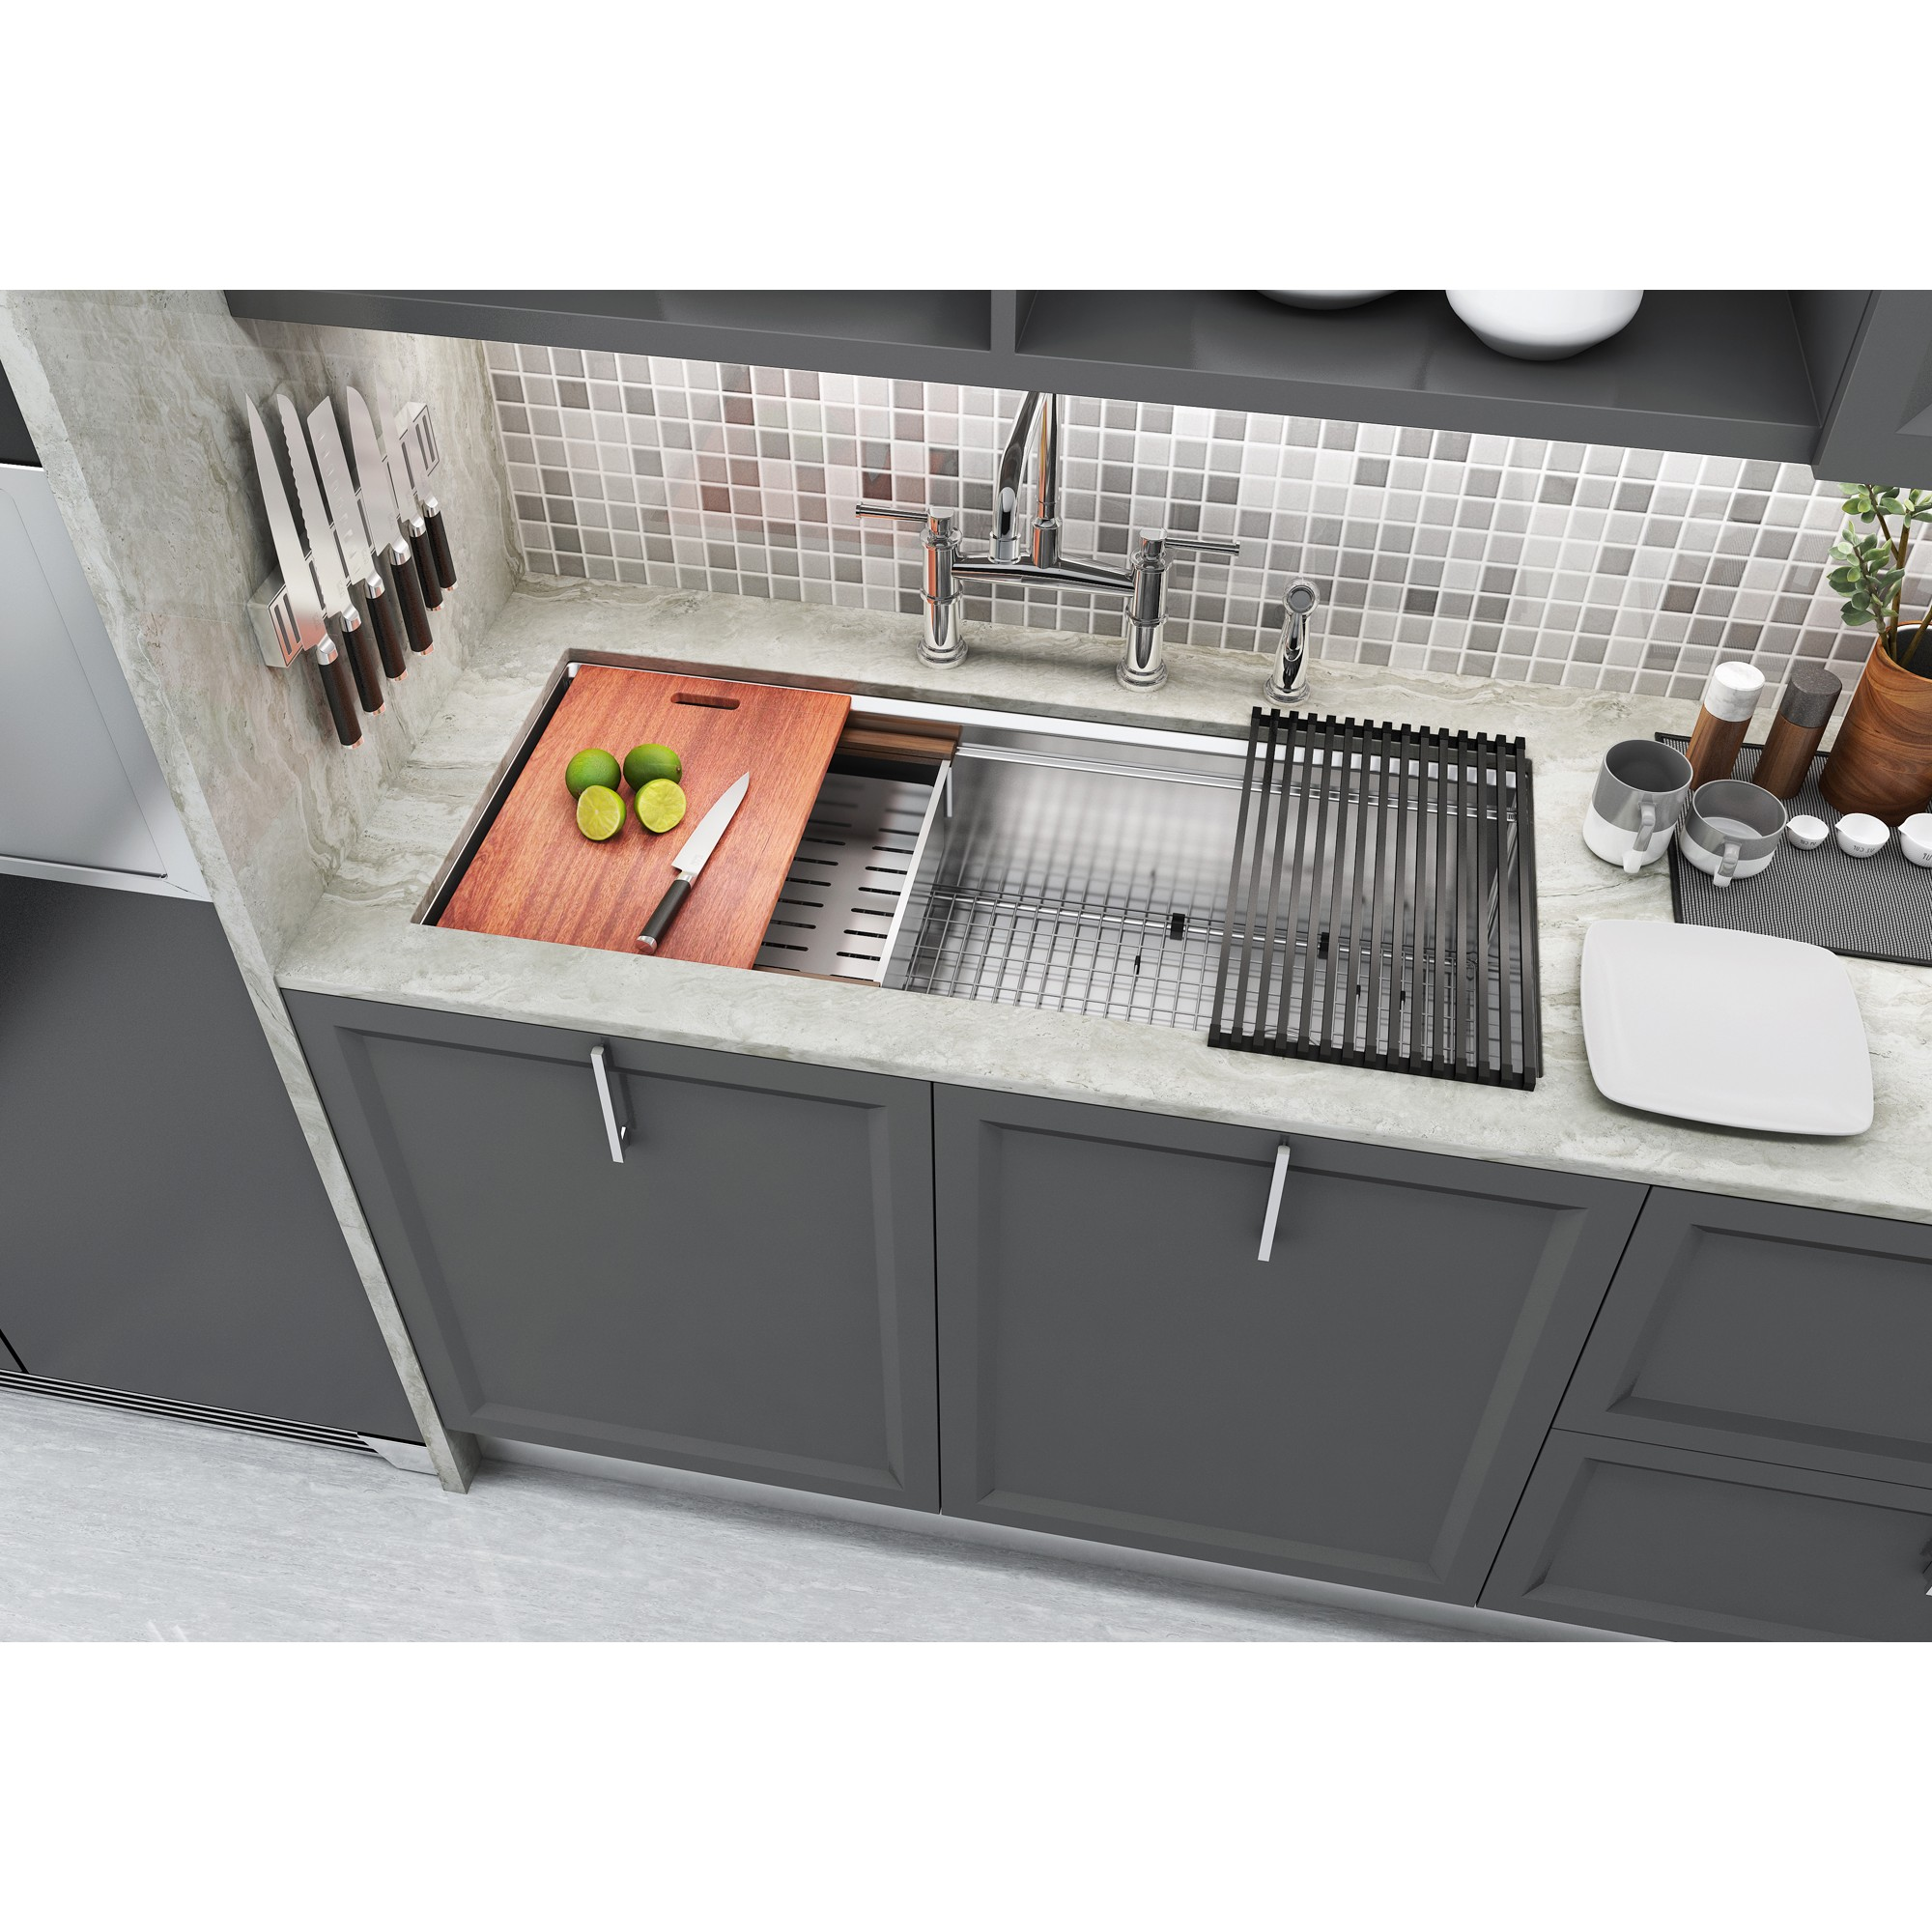 stainless steel kitchen sink